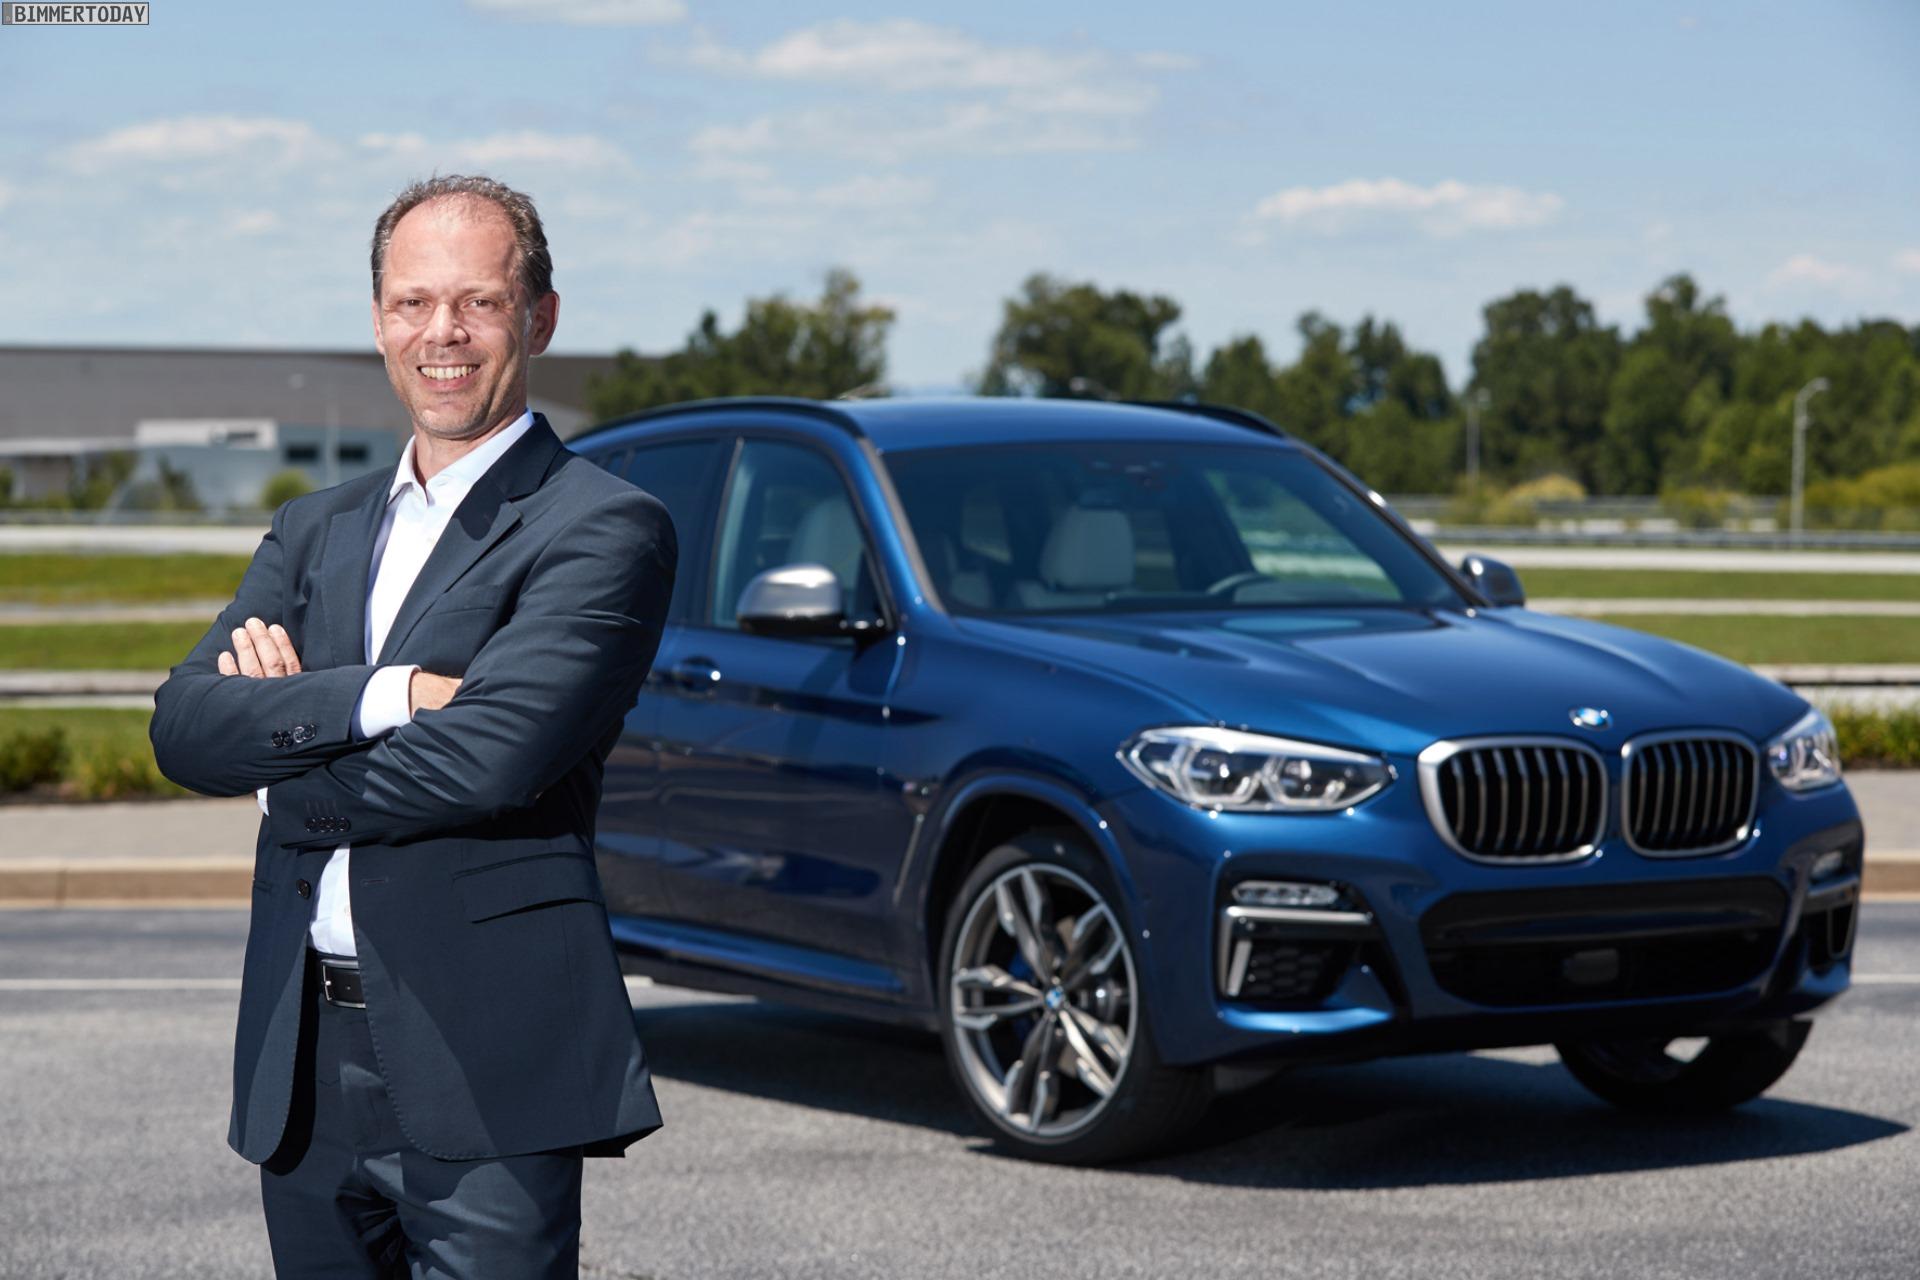 BMW X3 G01 Projektleiter Arno Keller im ausführlichen Interview